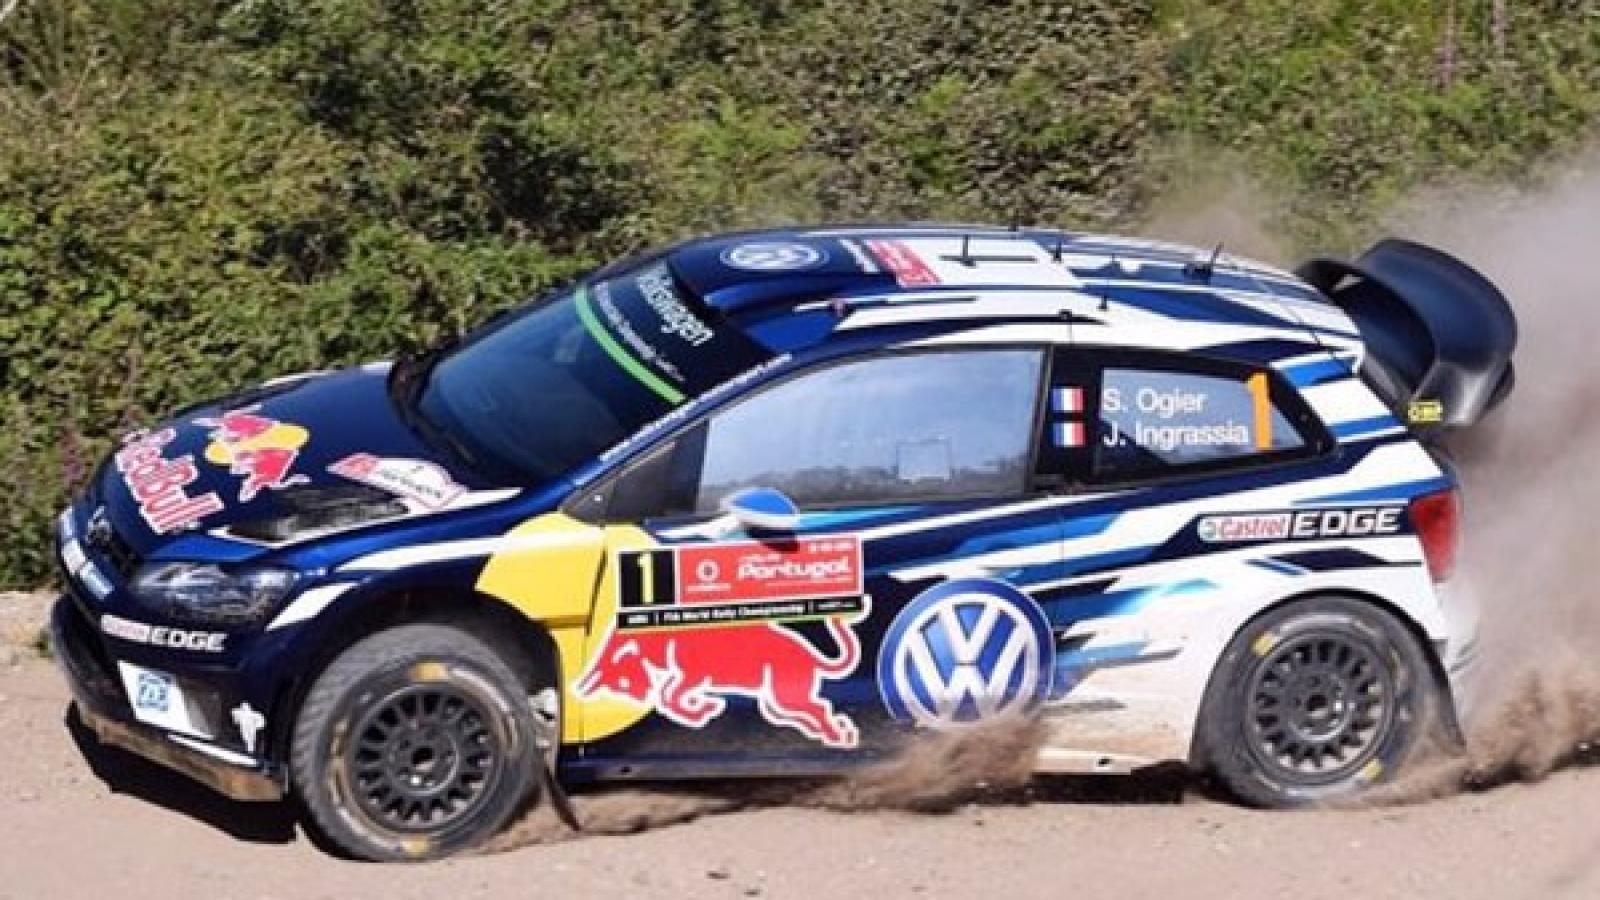 سباستین اوژیه قهرمان مسابقات WRC سال 2016 شد - اجاره خودرو طباطبایی